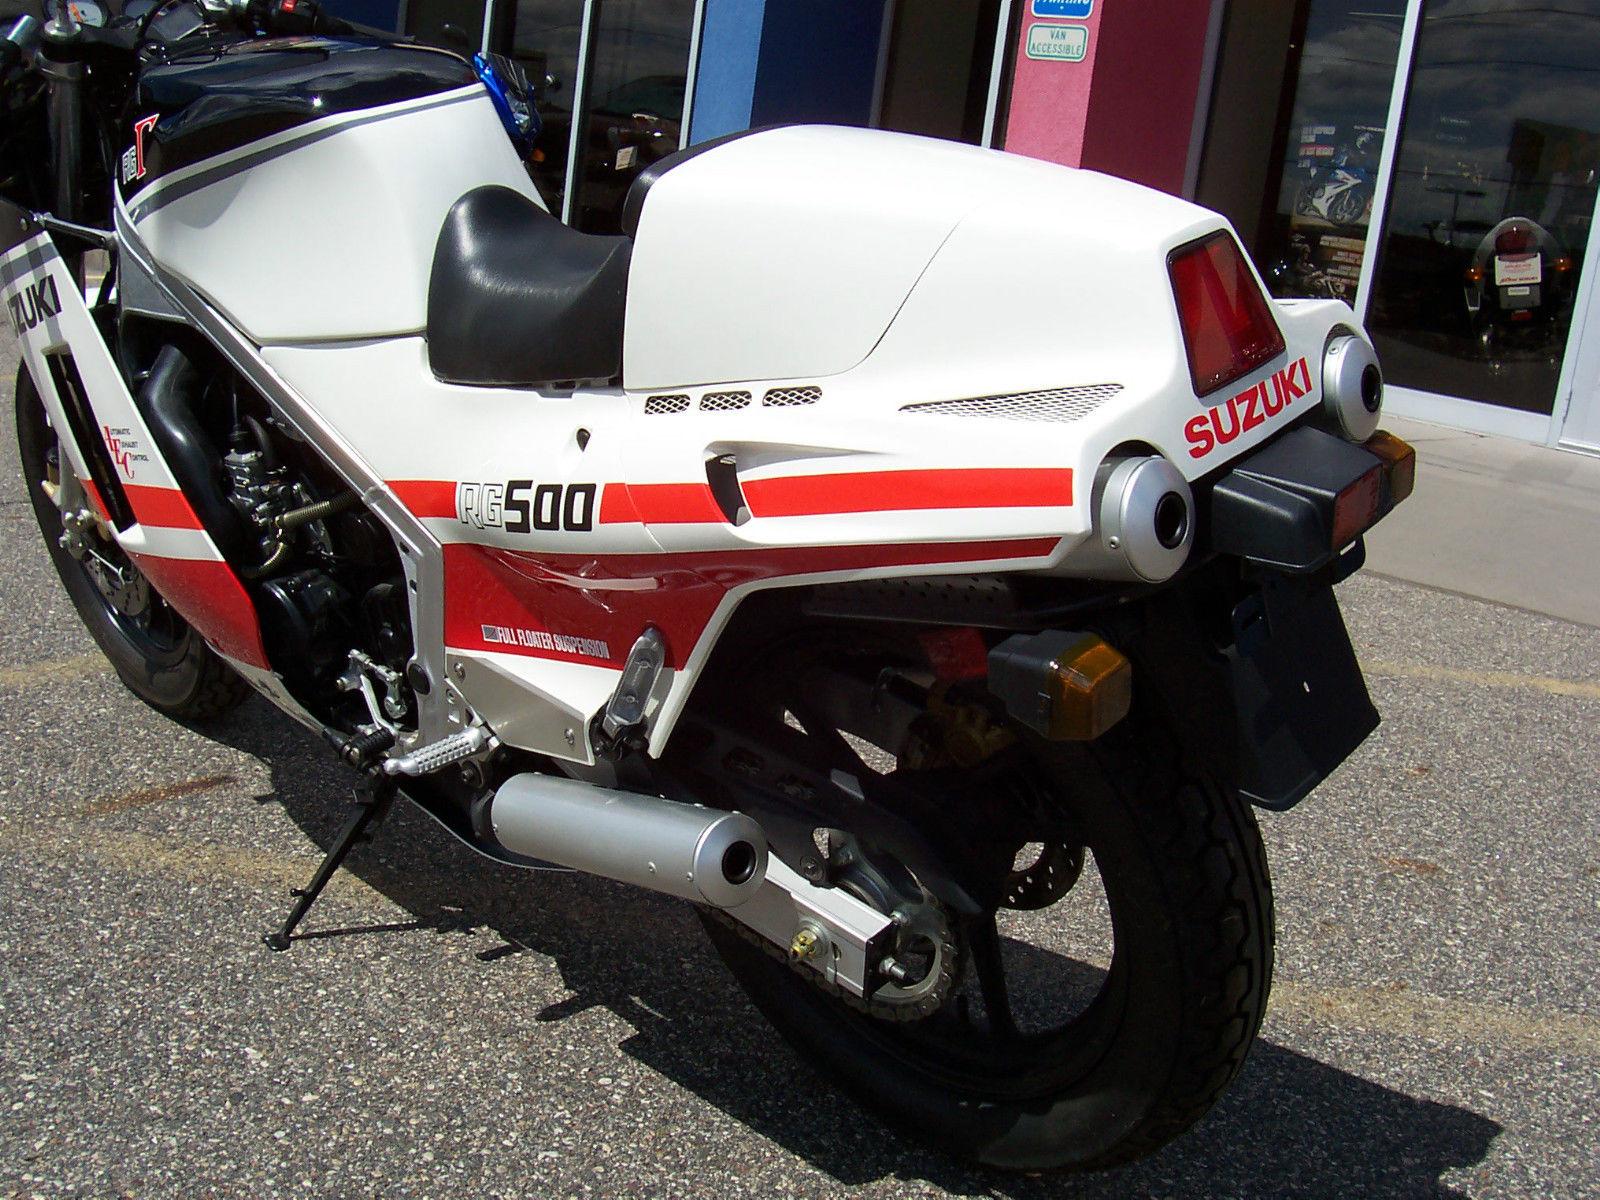 Suzuki Rg500 For Sale Suzuki Rg500 Gamma Rear Left